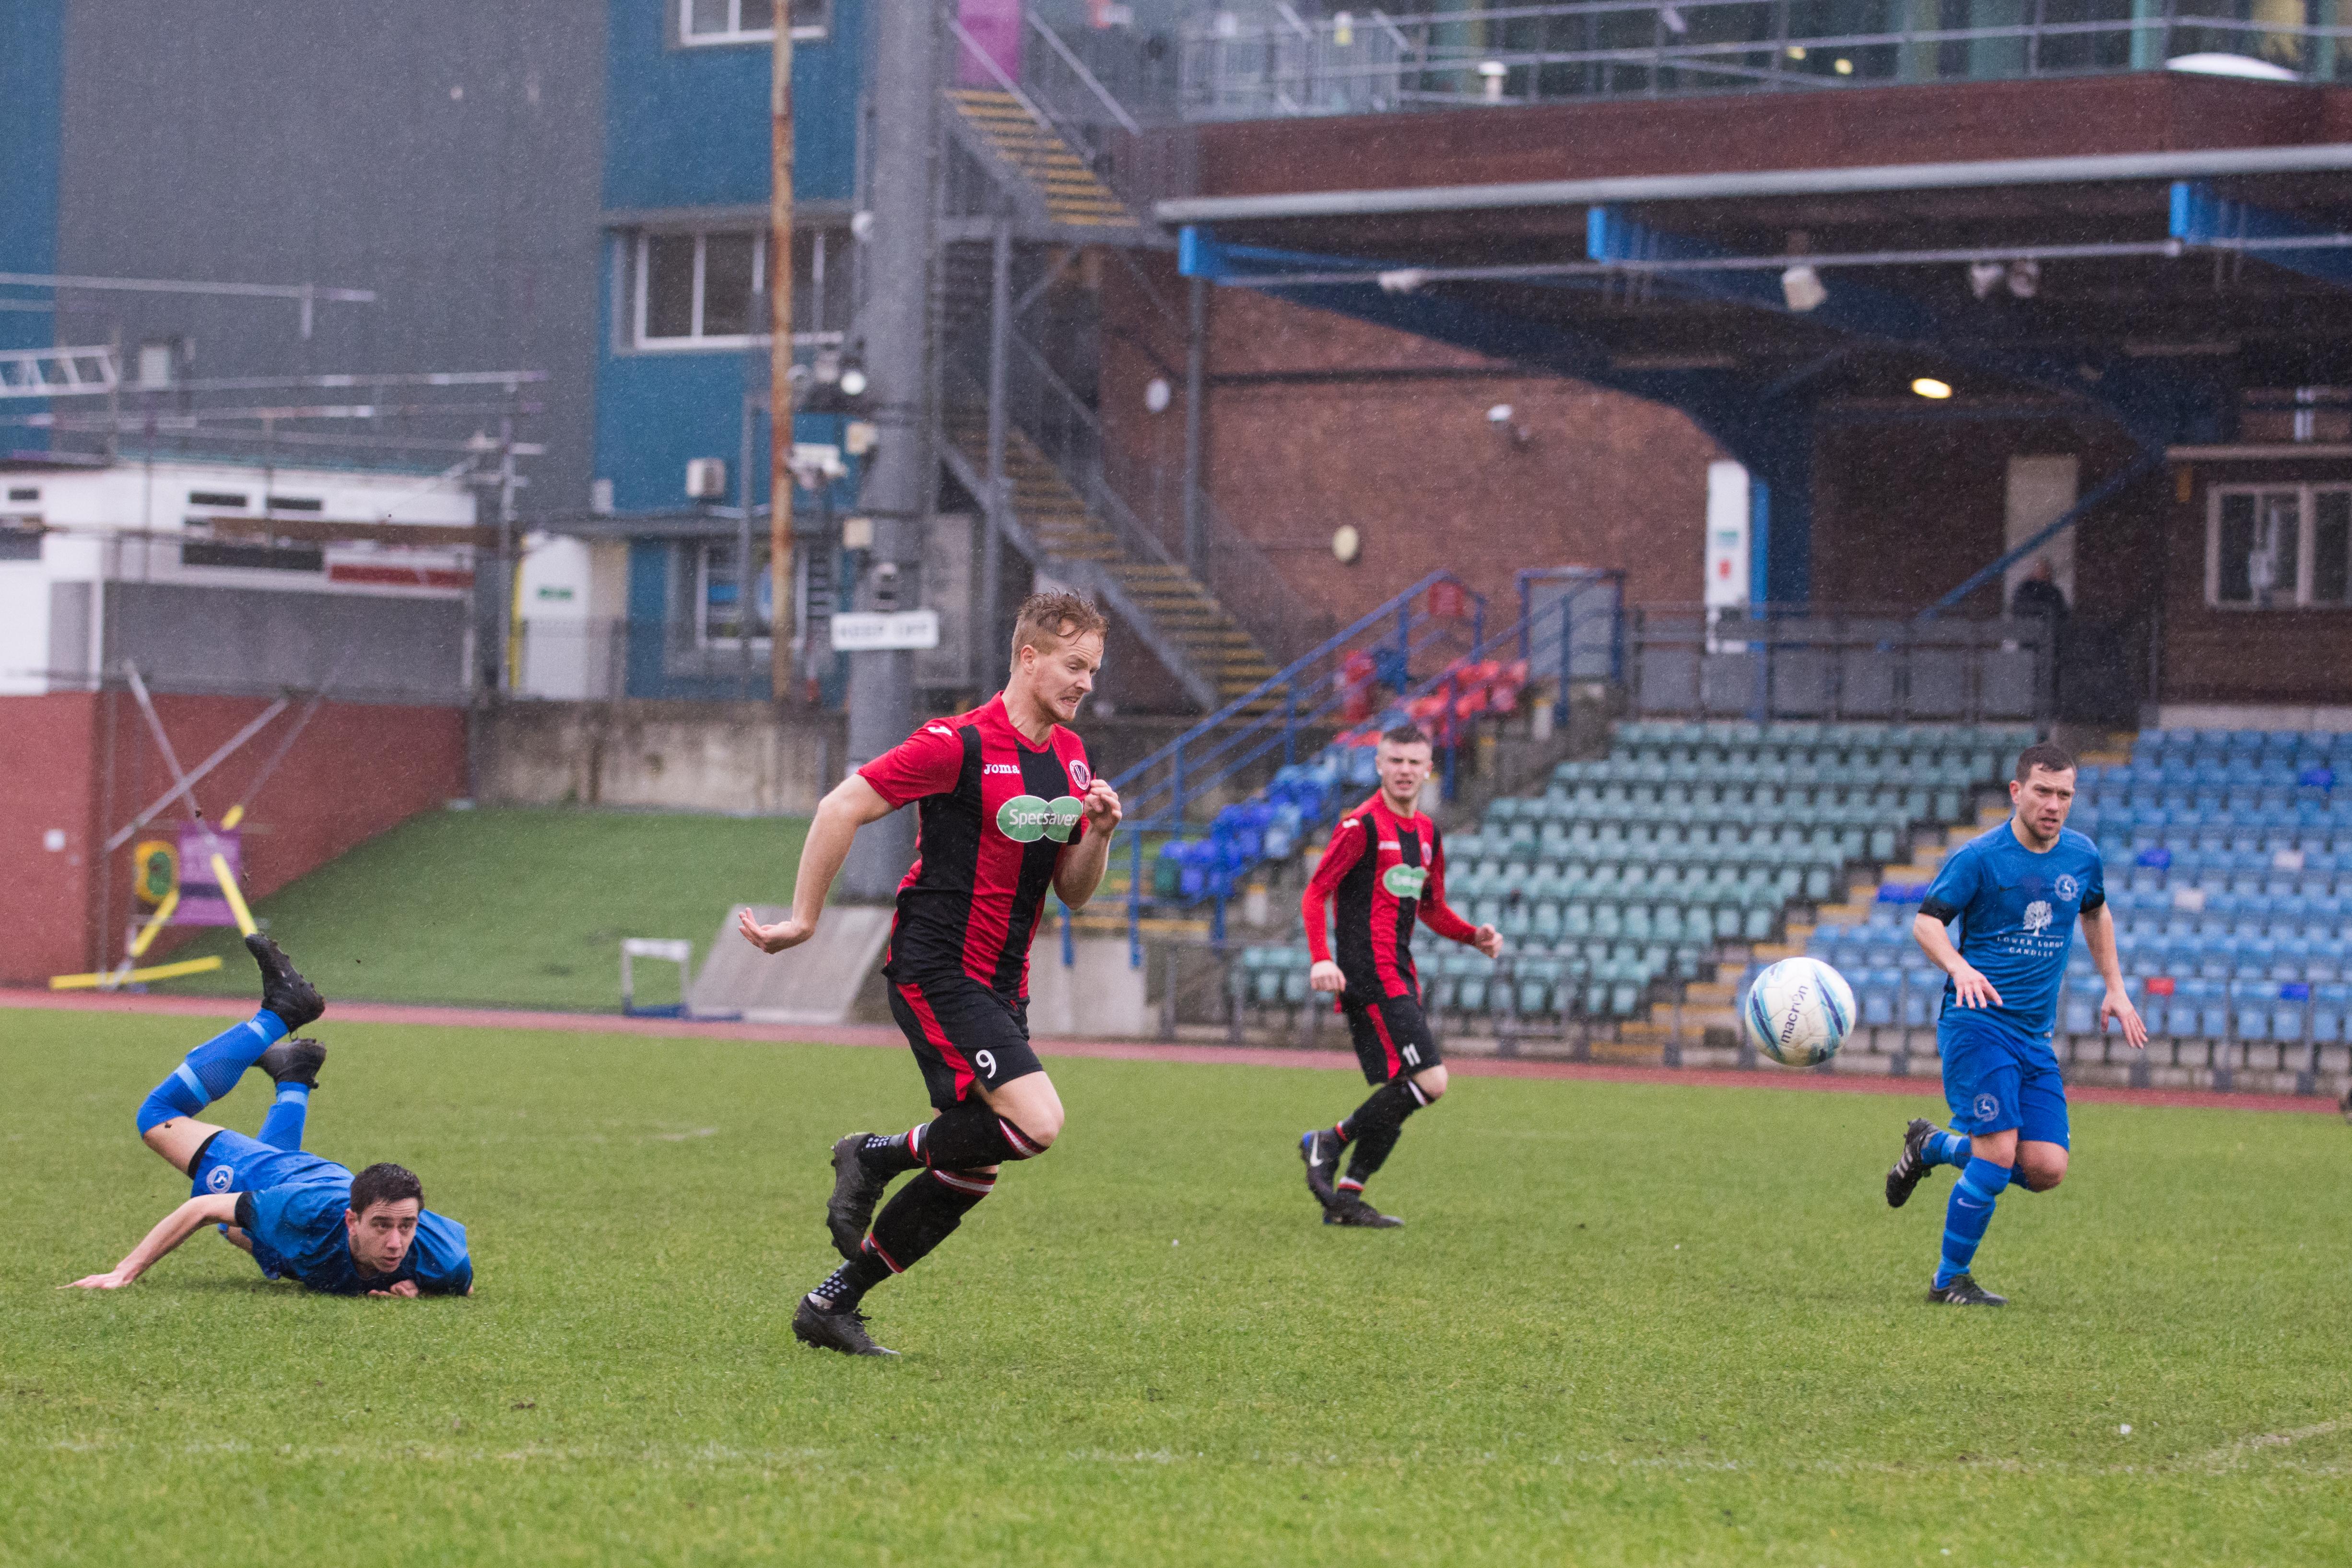 AFC Varndeanians vs Midhurst and Easebourne 27.01.18 29